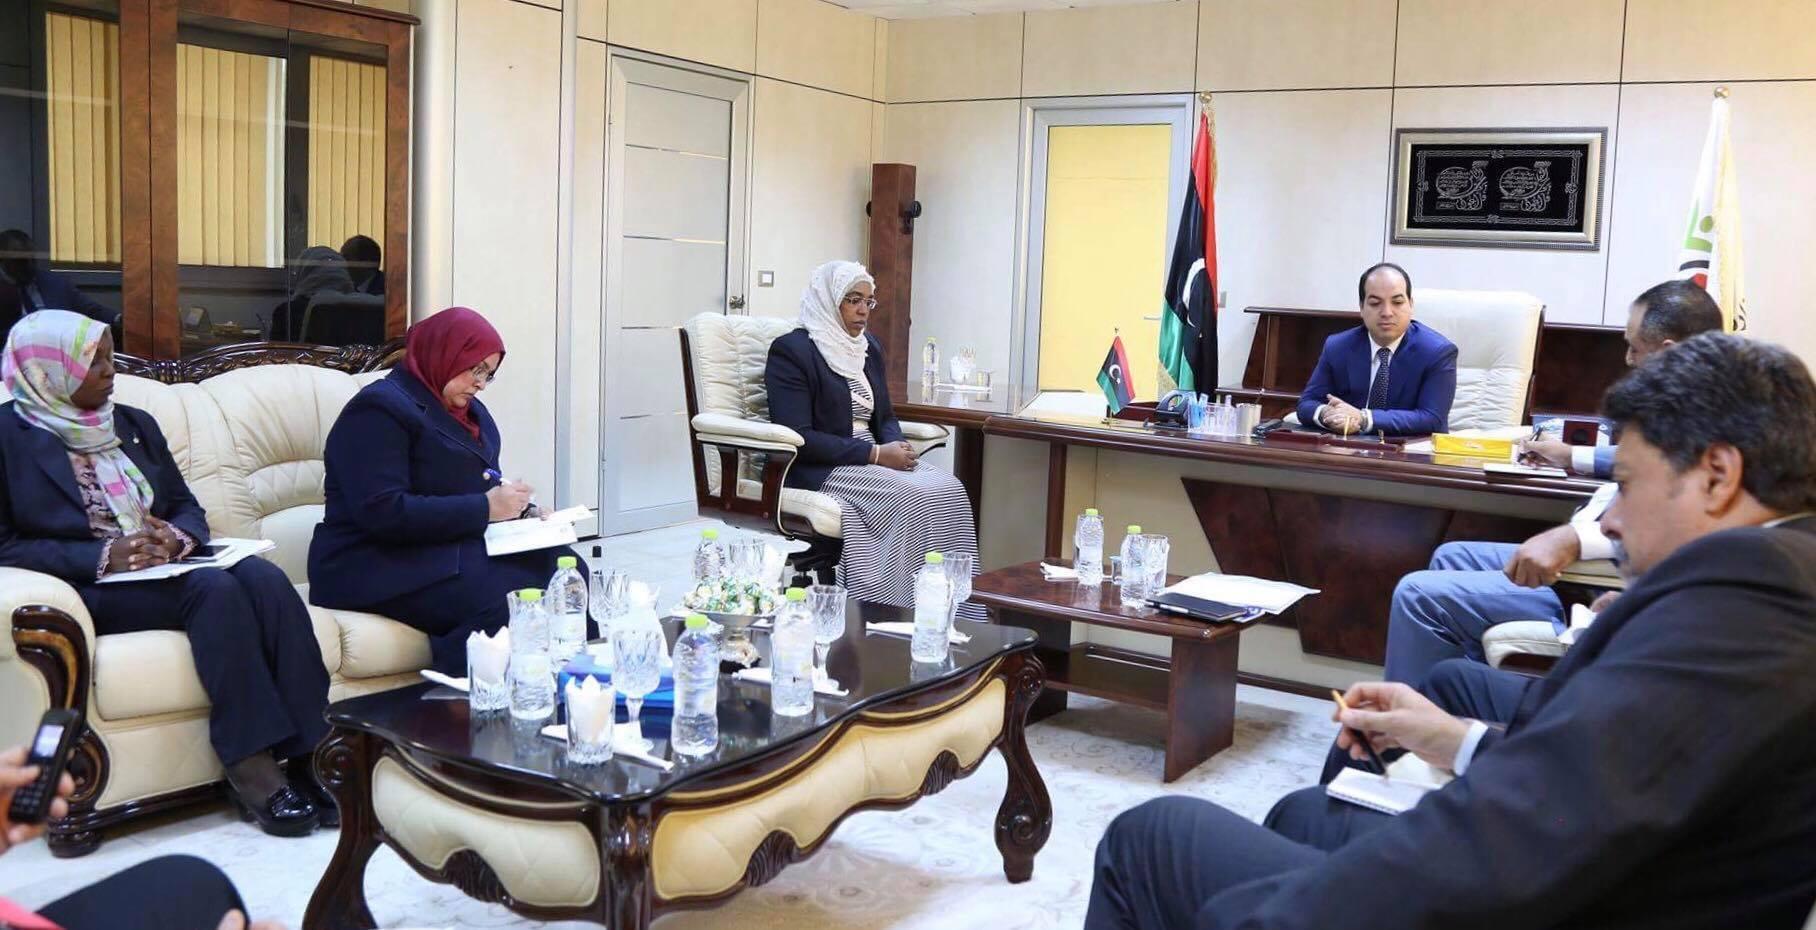 وزارة الشؤون الاجتماعية التابعة لحكومة الوفاق الوطني